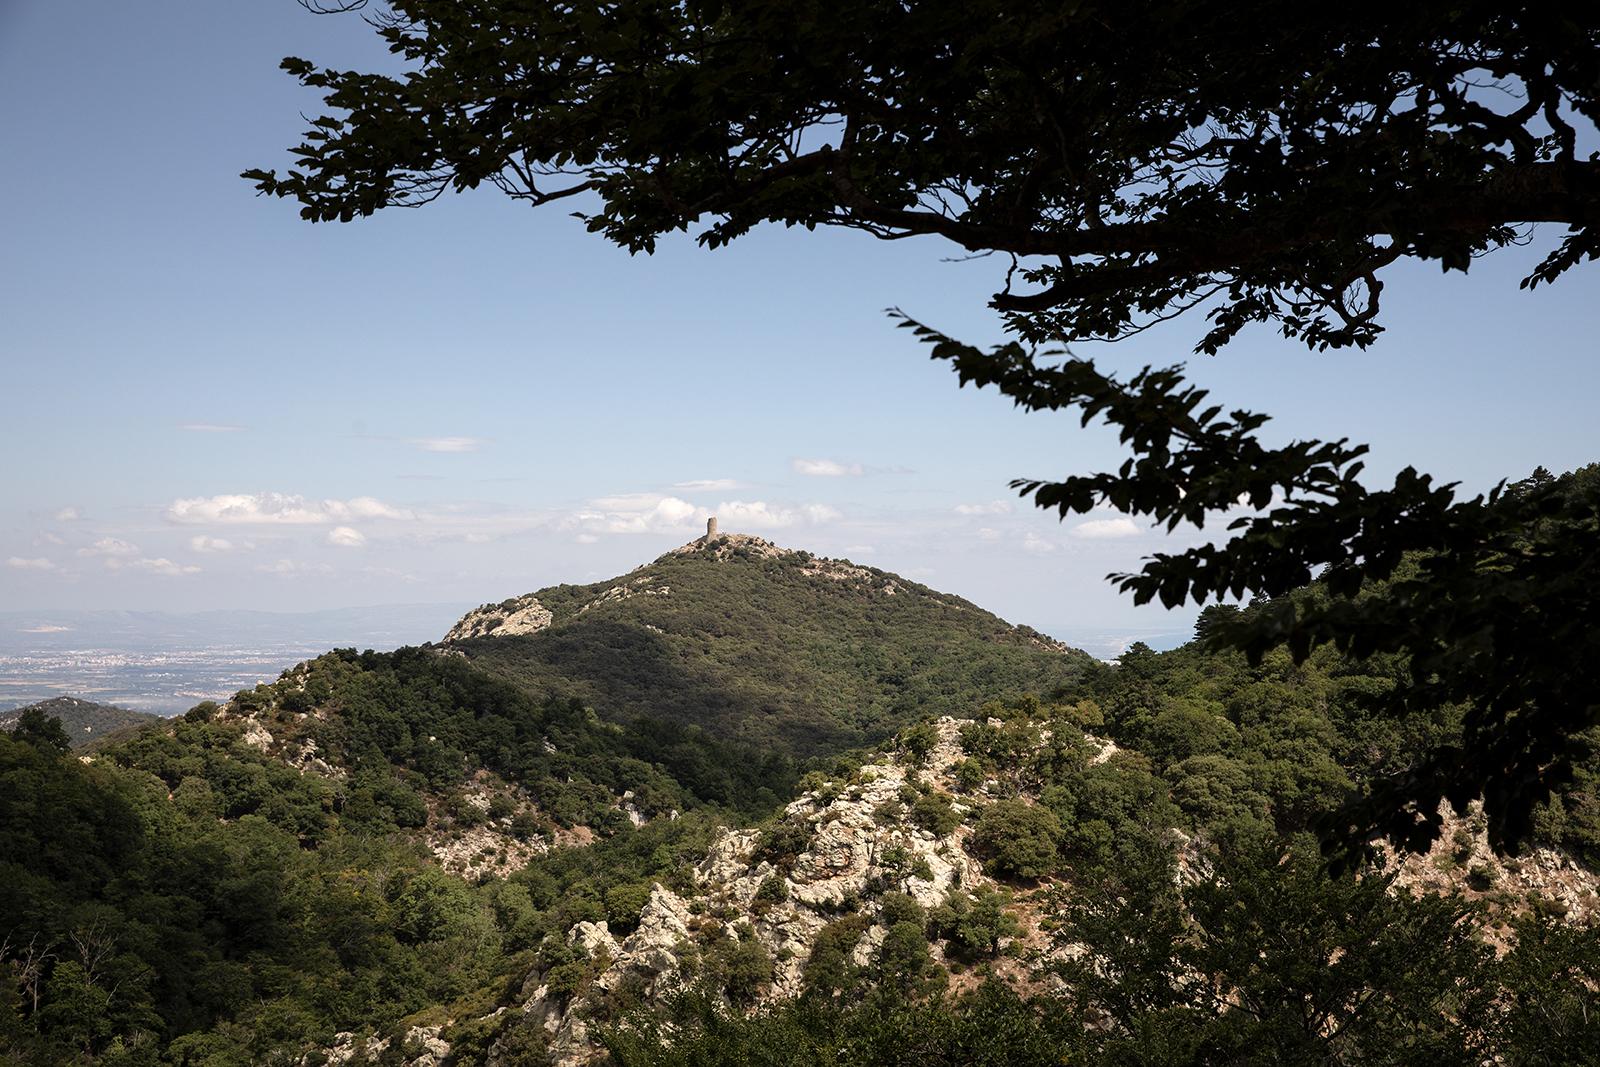 Idée de randonnée à Argelès-sur-Mer